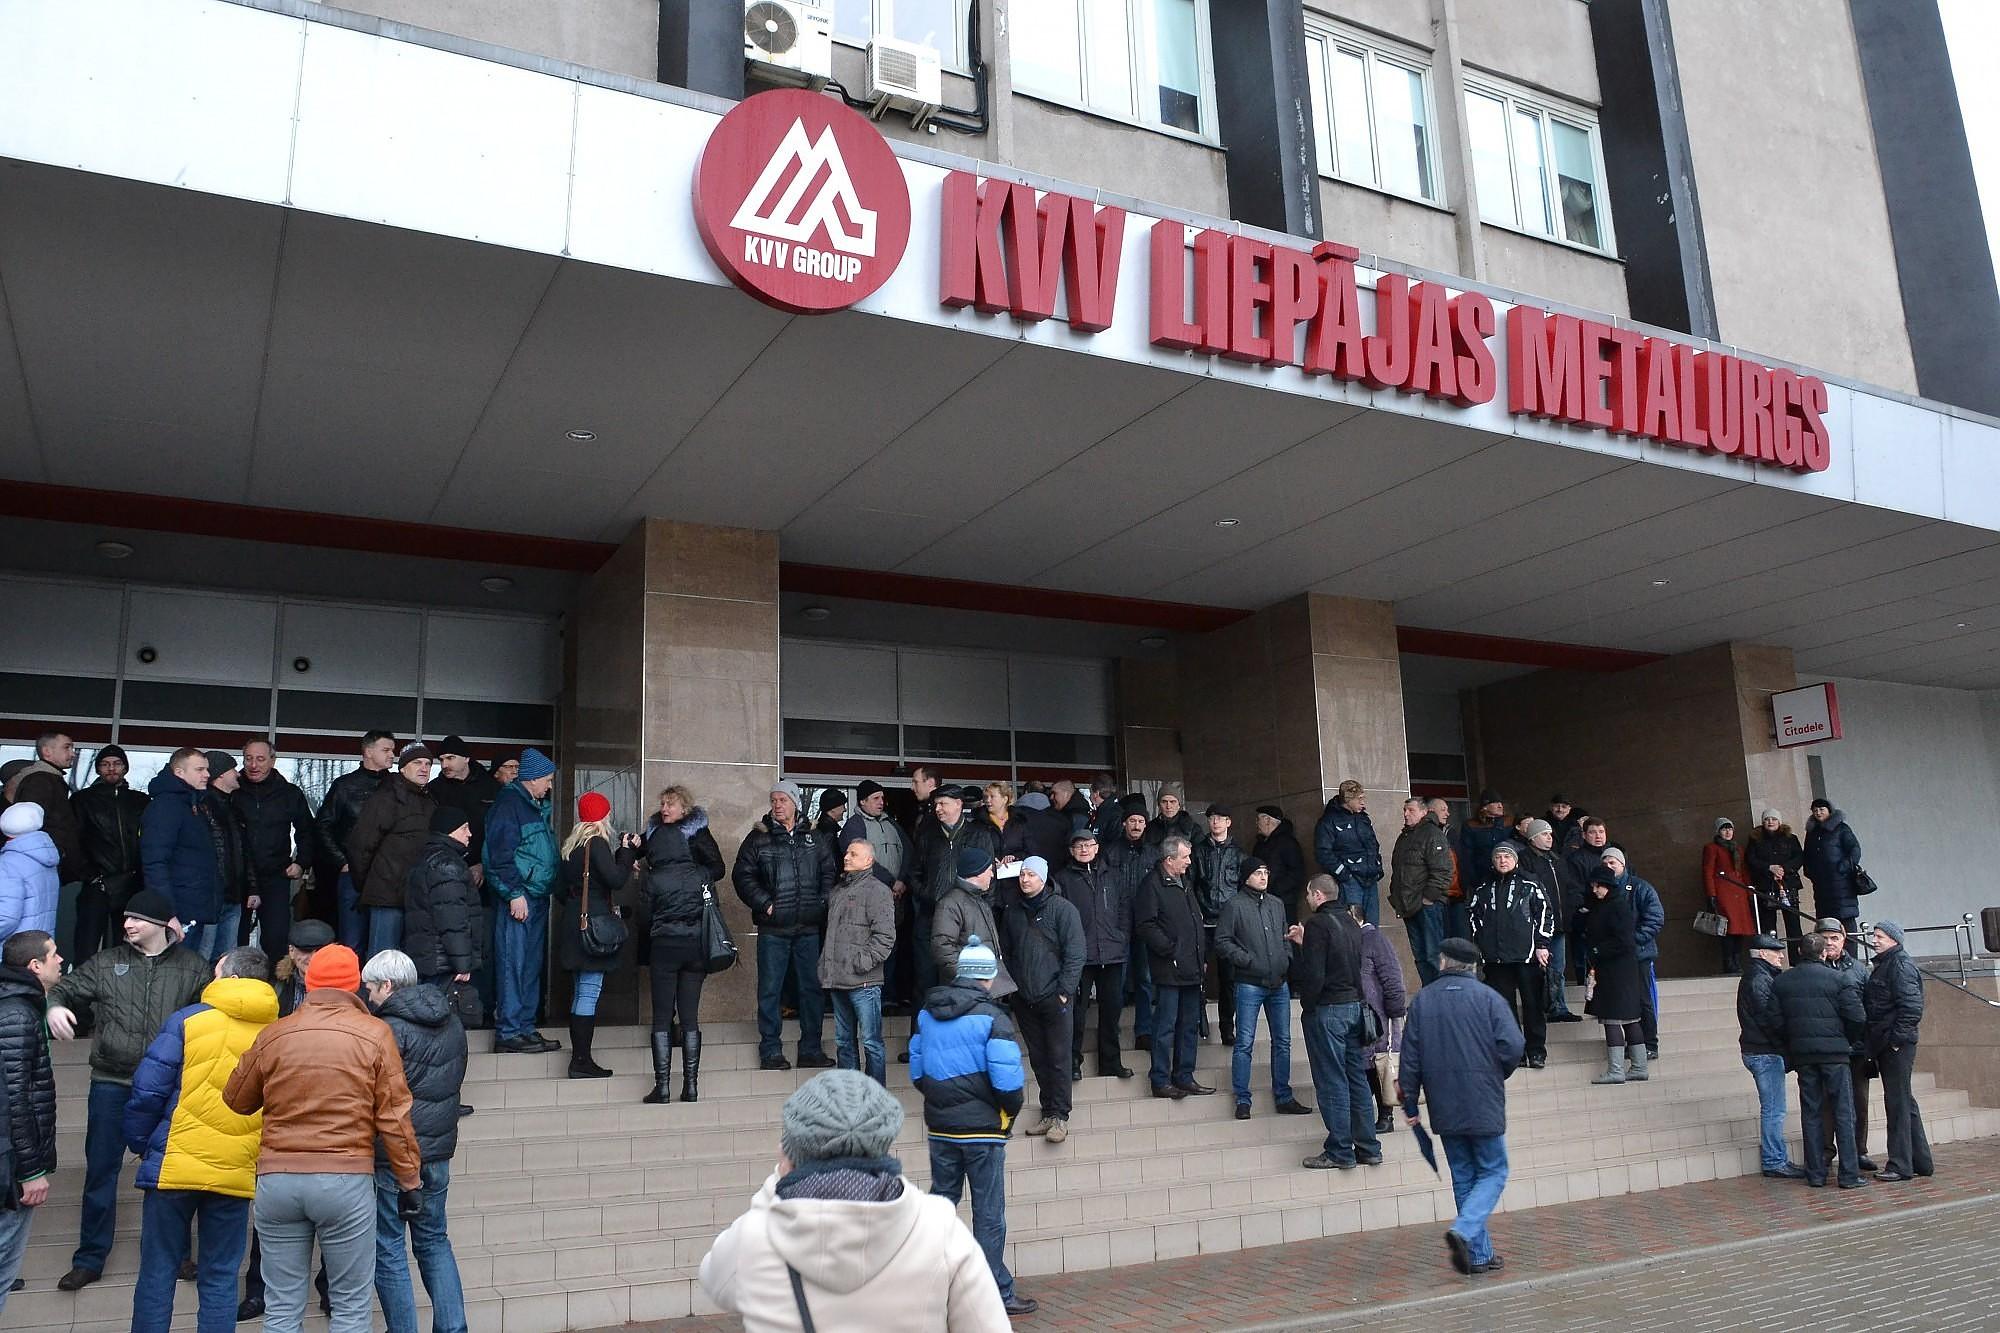 В ГАЗ зарегистрировались 202 бывших сотрудника «КВВ Лиепаяс металургс»